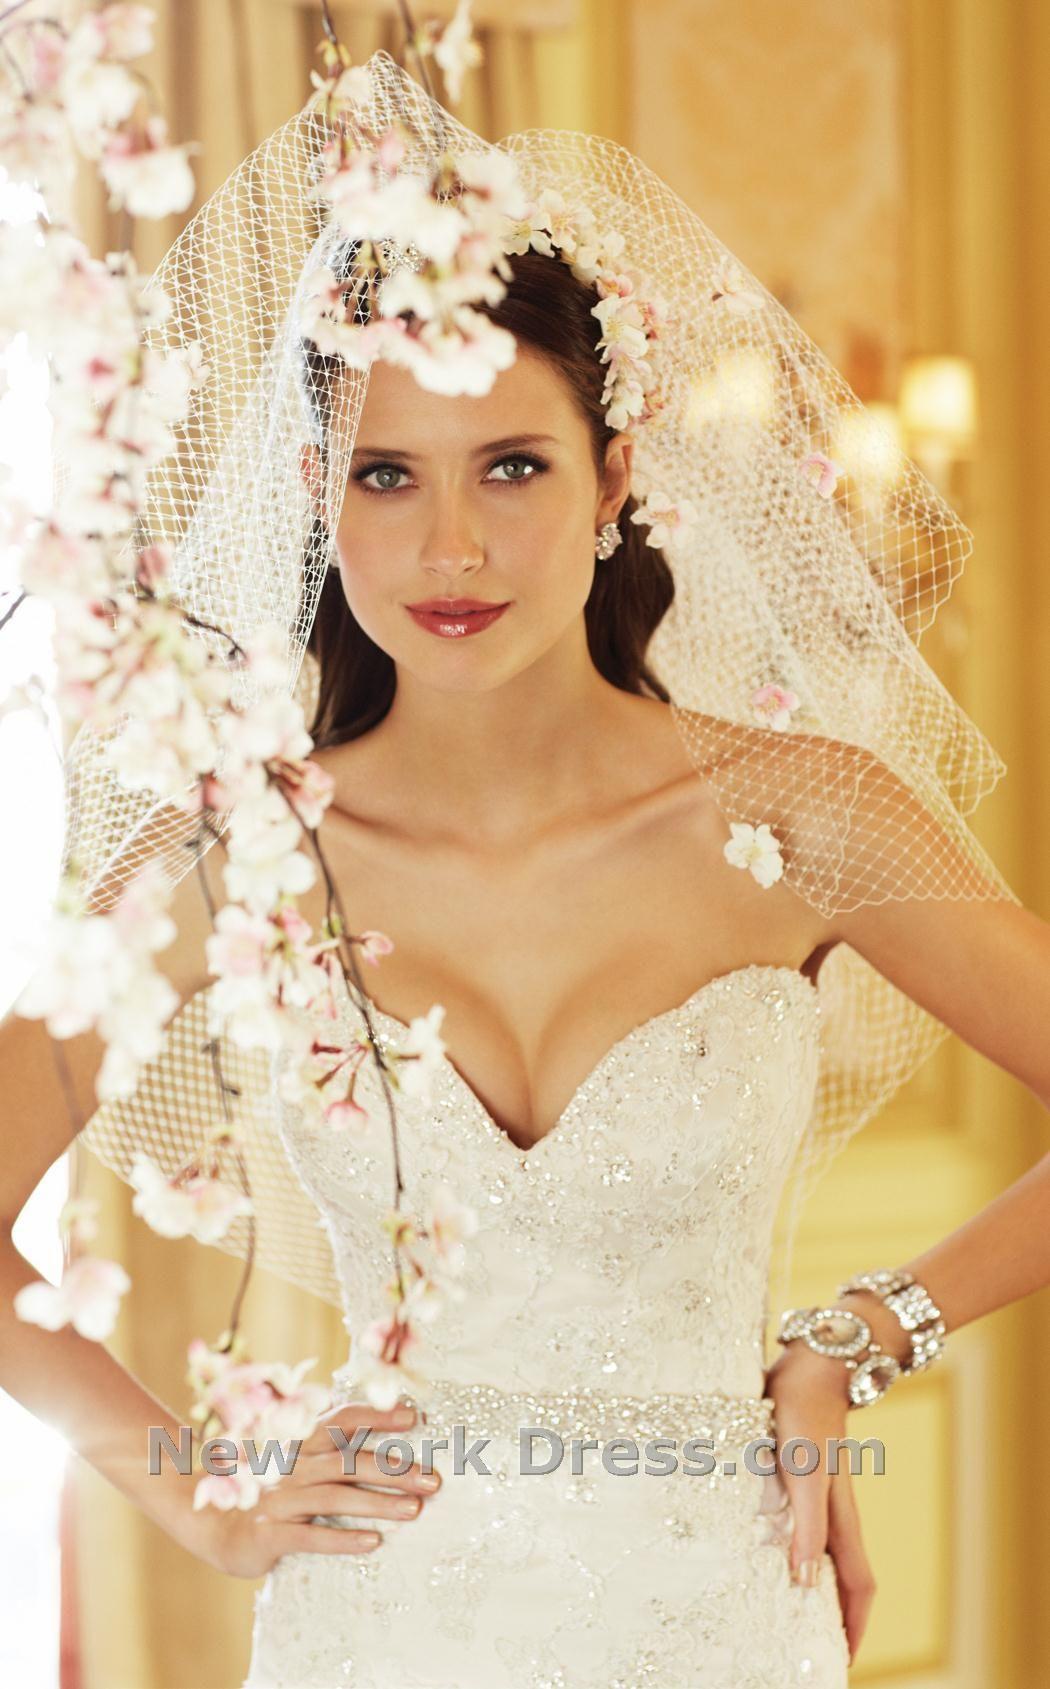 Sophia tolli y thumbnail behind the bridal veils pinterest